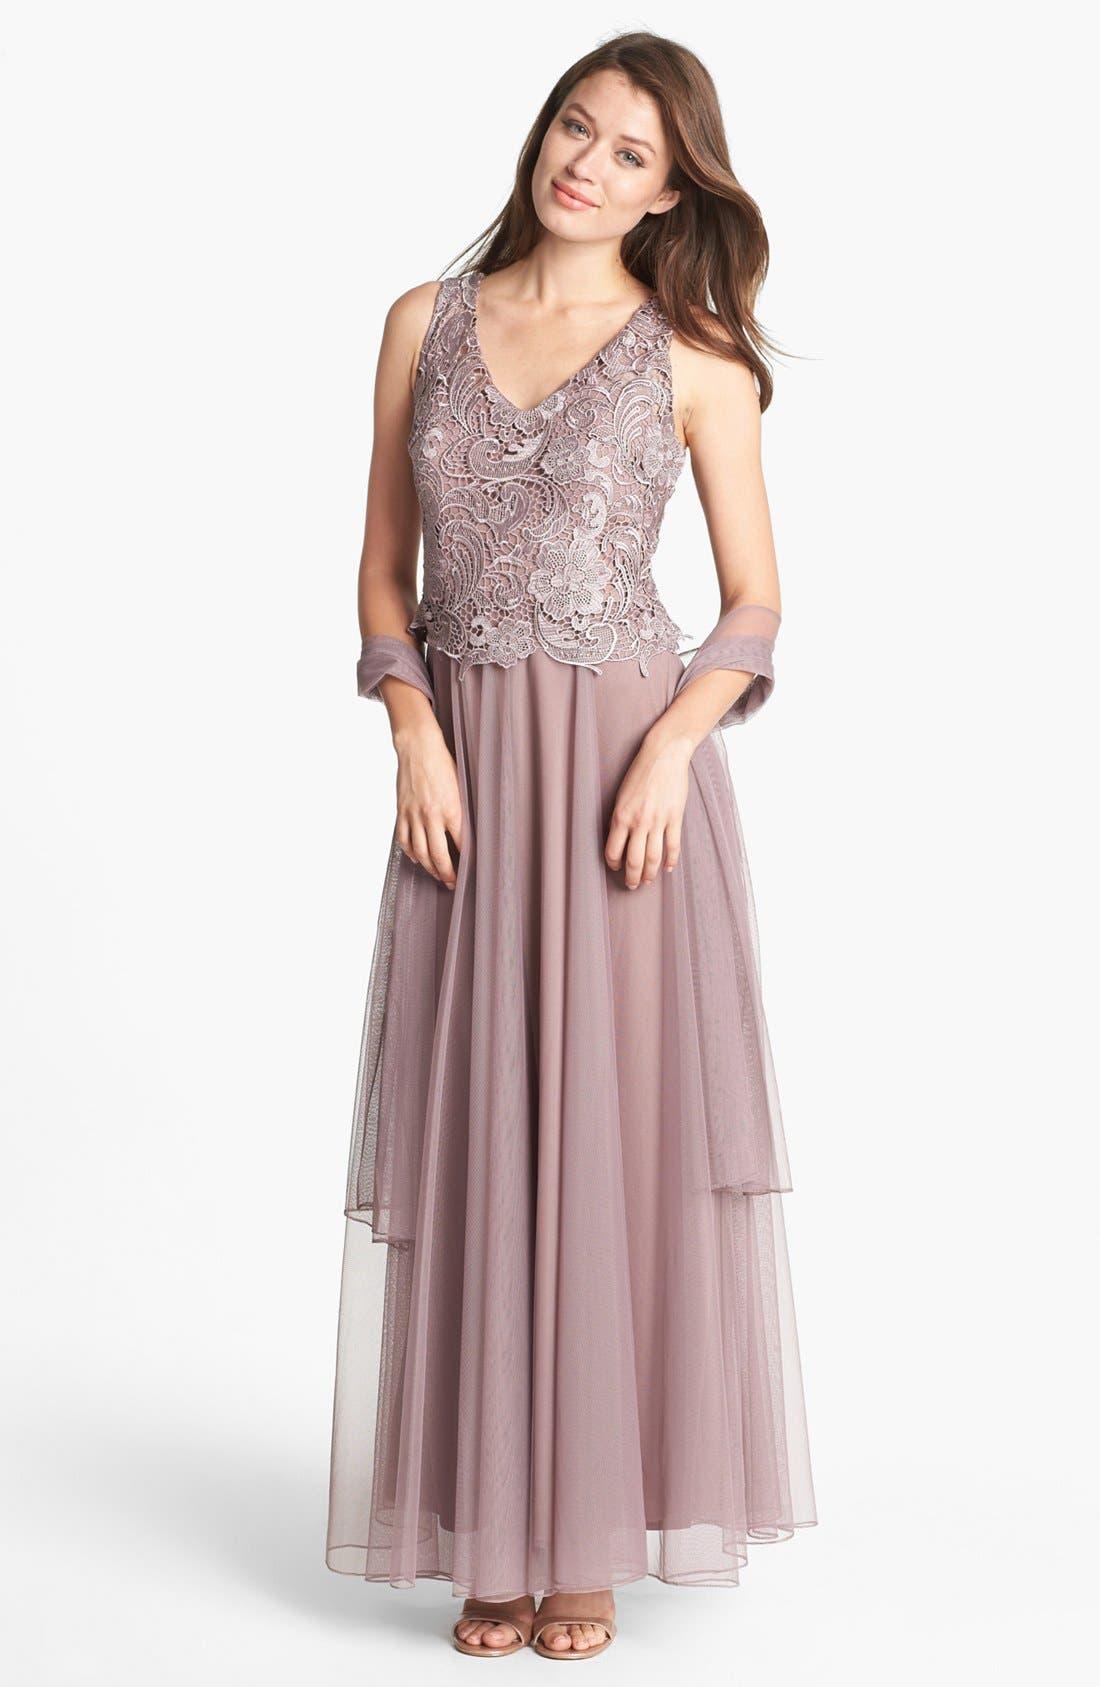 Main Image - Patra Venice Lace & Chiffon Dress (Regular & Petite)